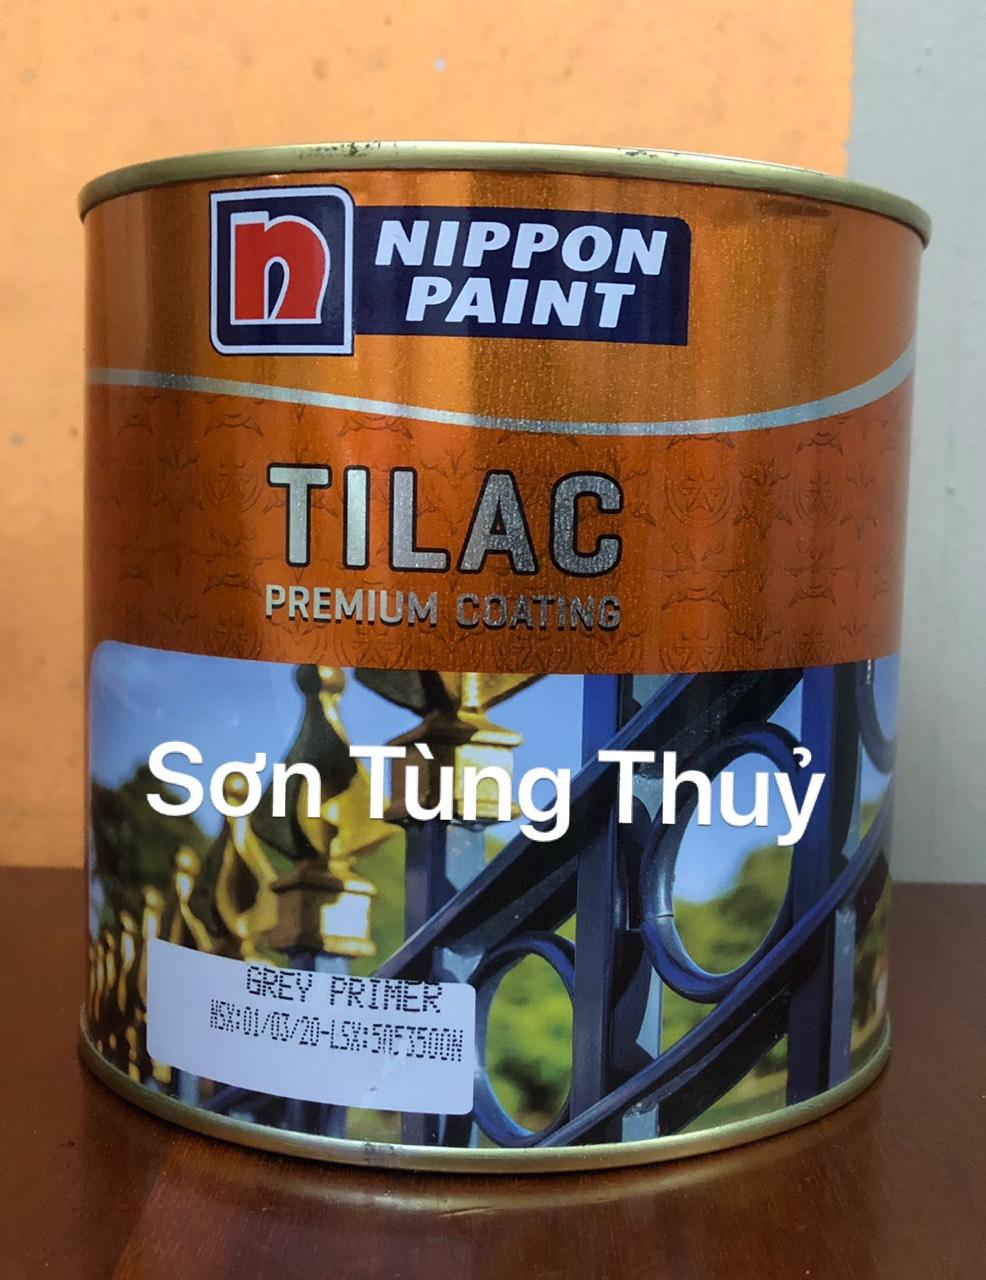 Sơn lót chống gỉ màu ghi Tilac Grey Primer